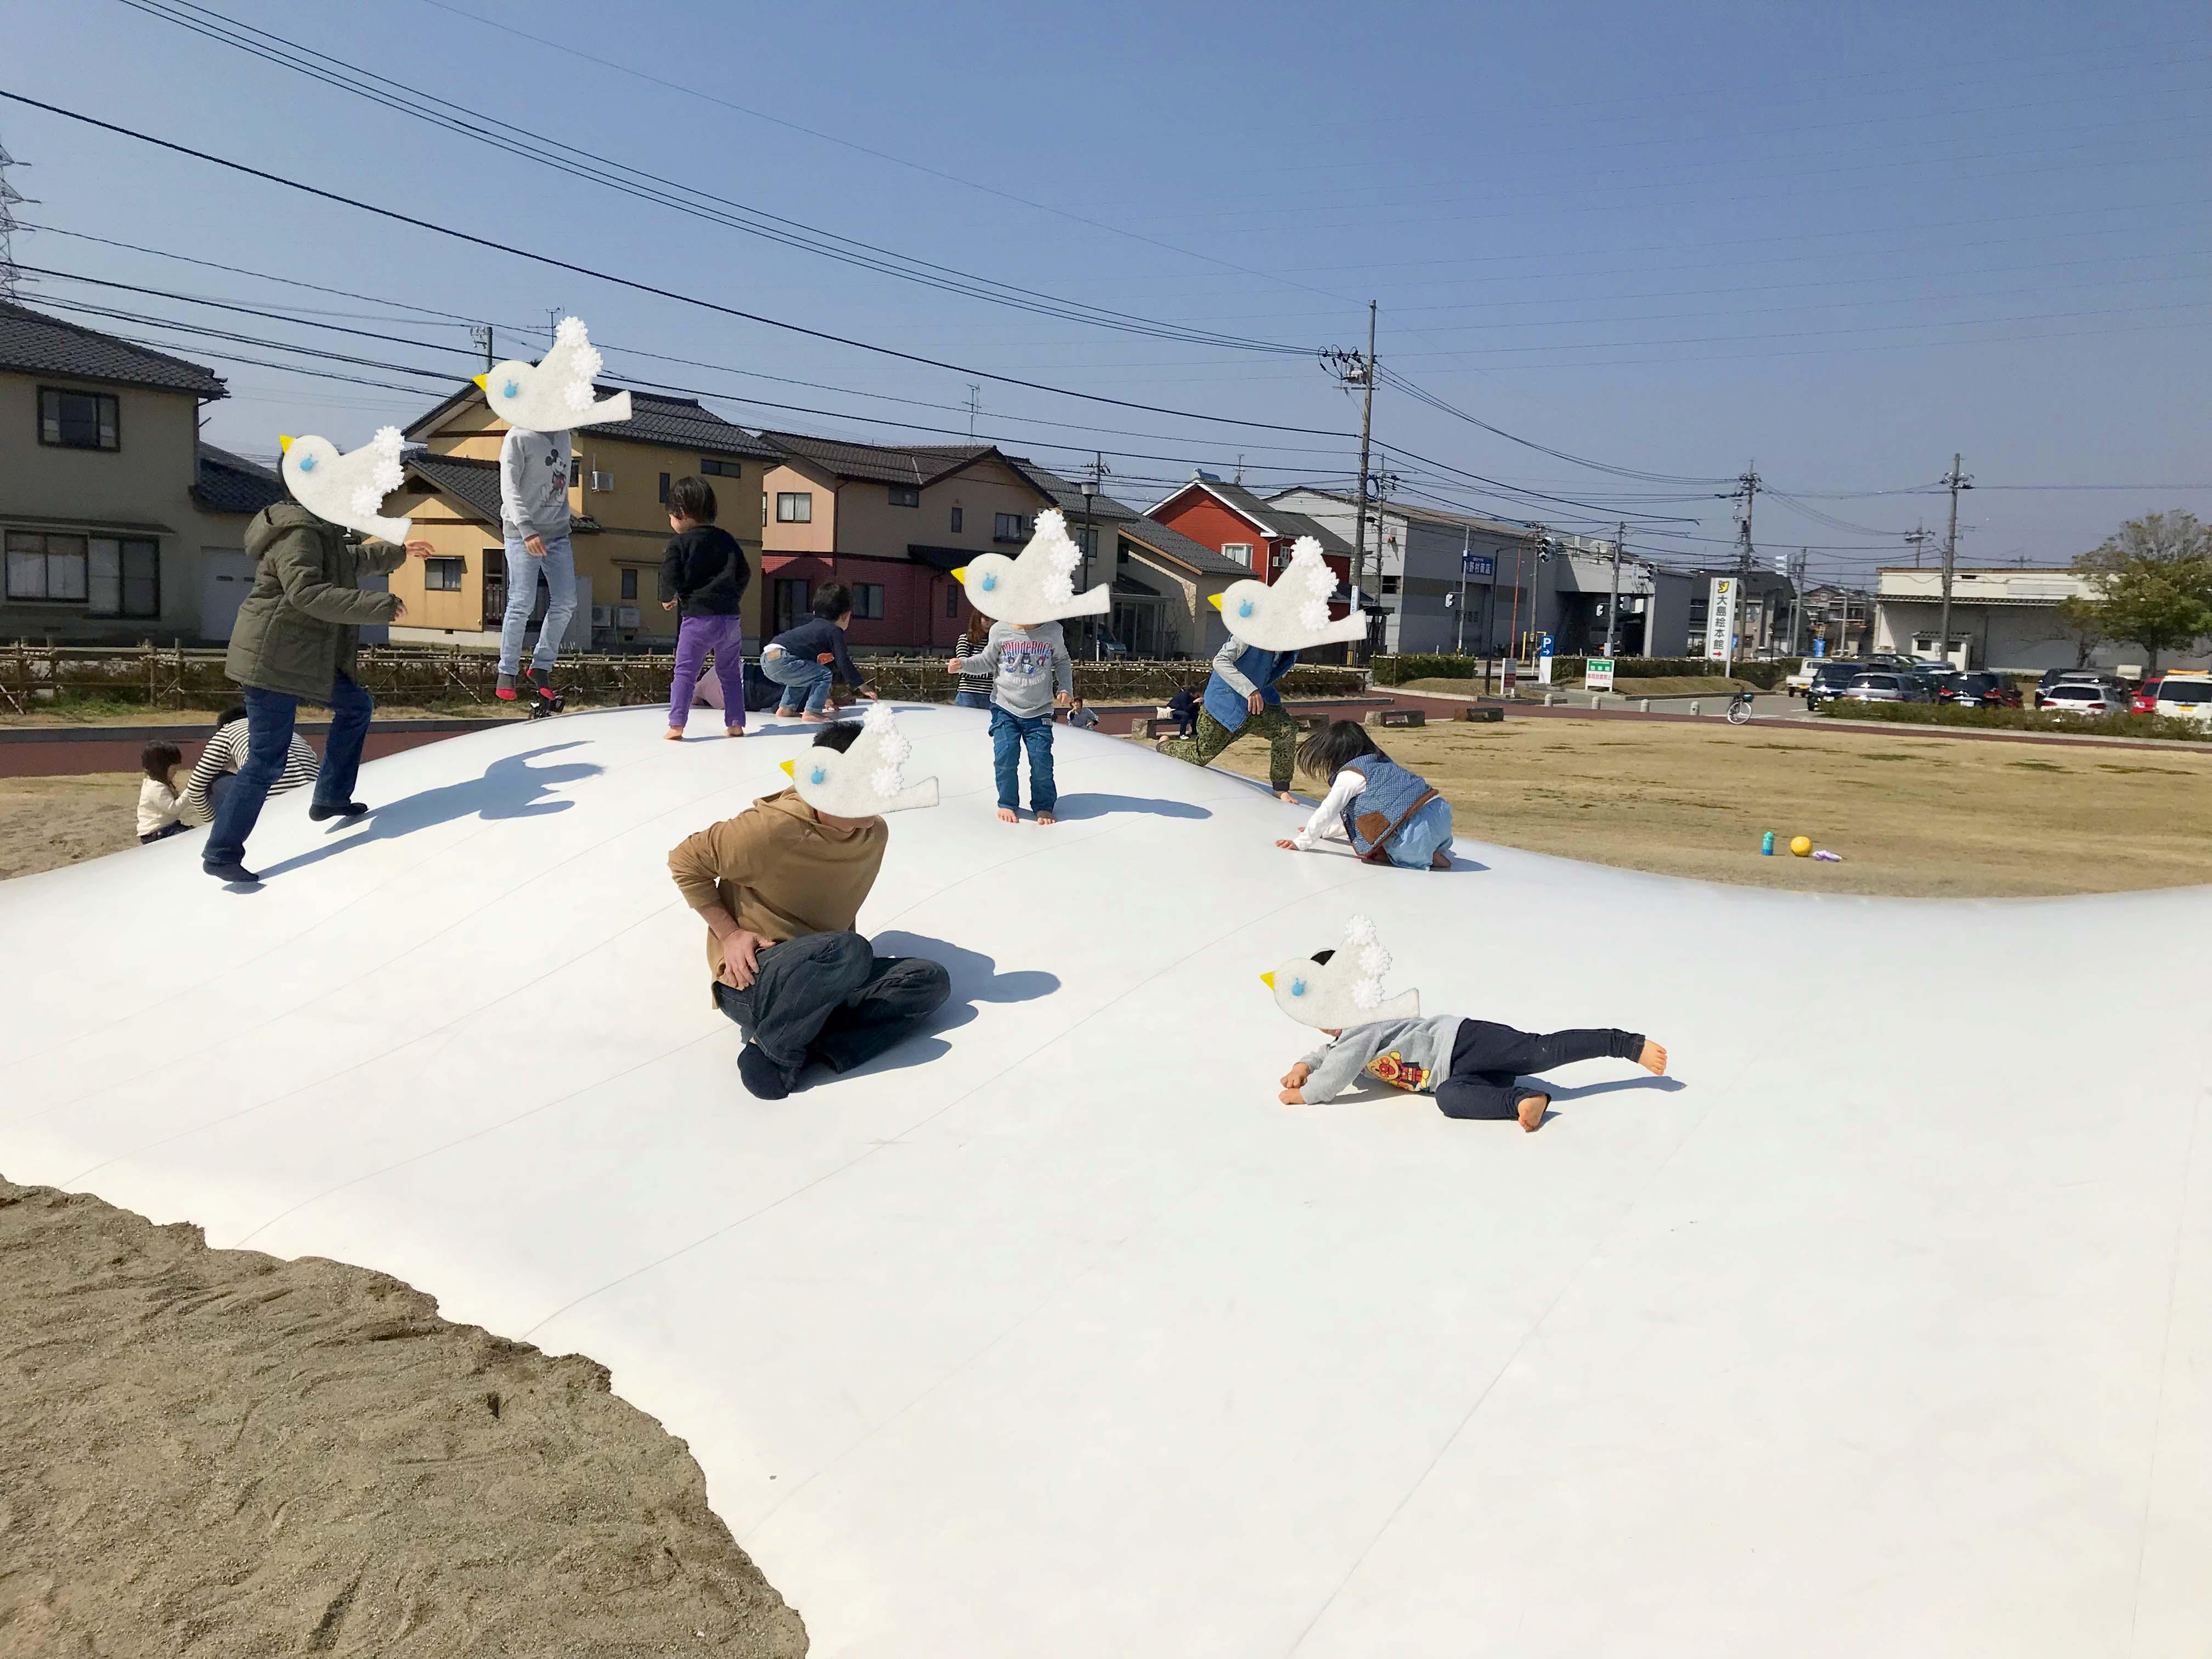 富山子供連れ遊び場【大島中央公園】ふわふわドームとアスレチックが人気の楽しい公園!